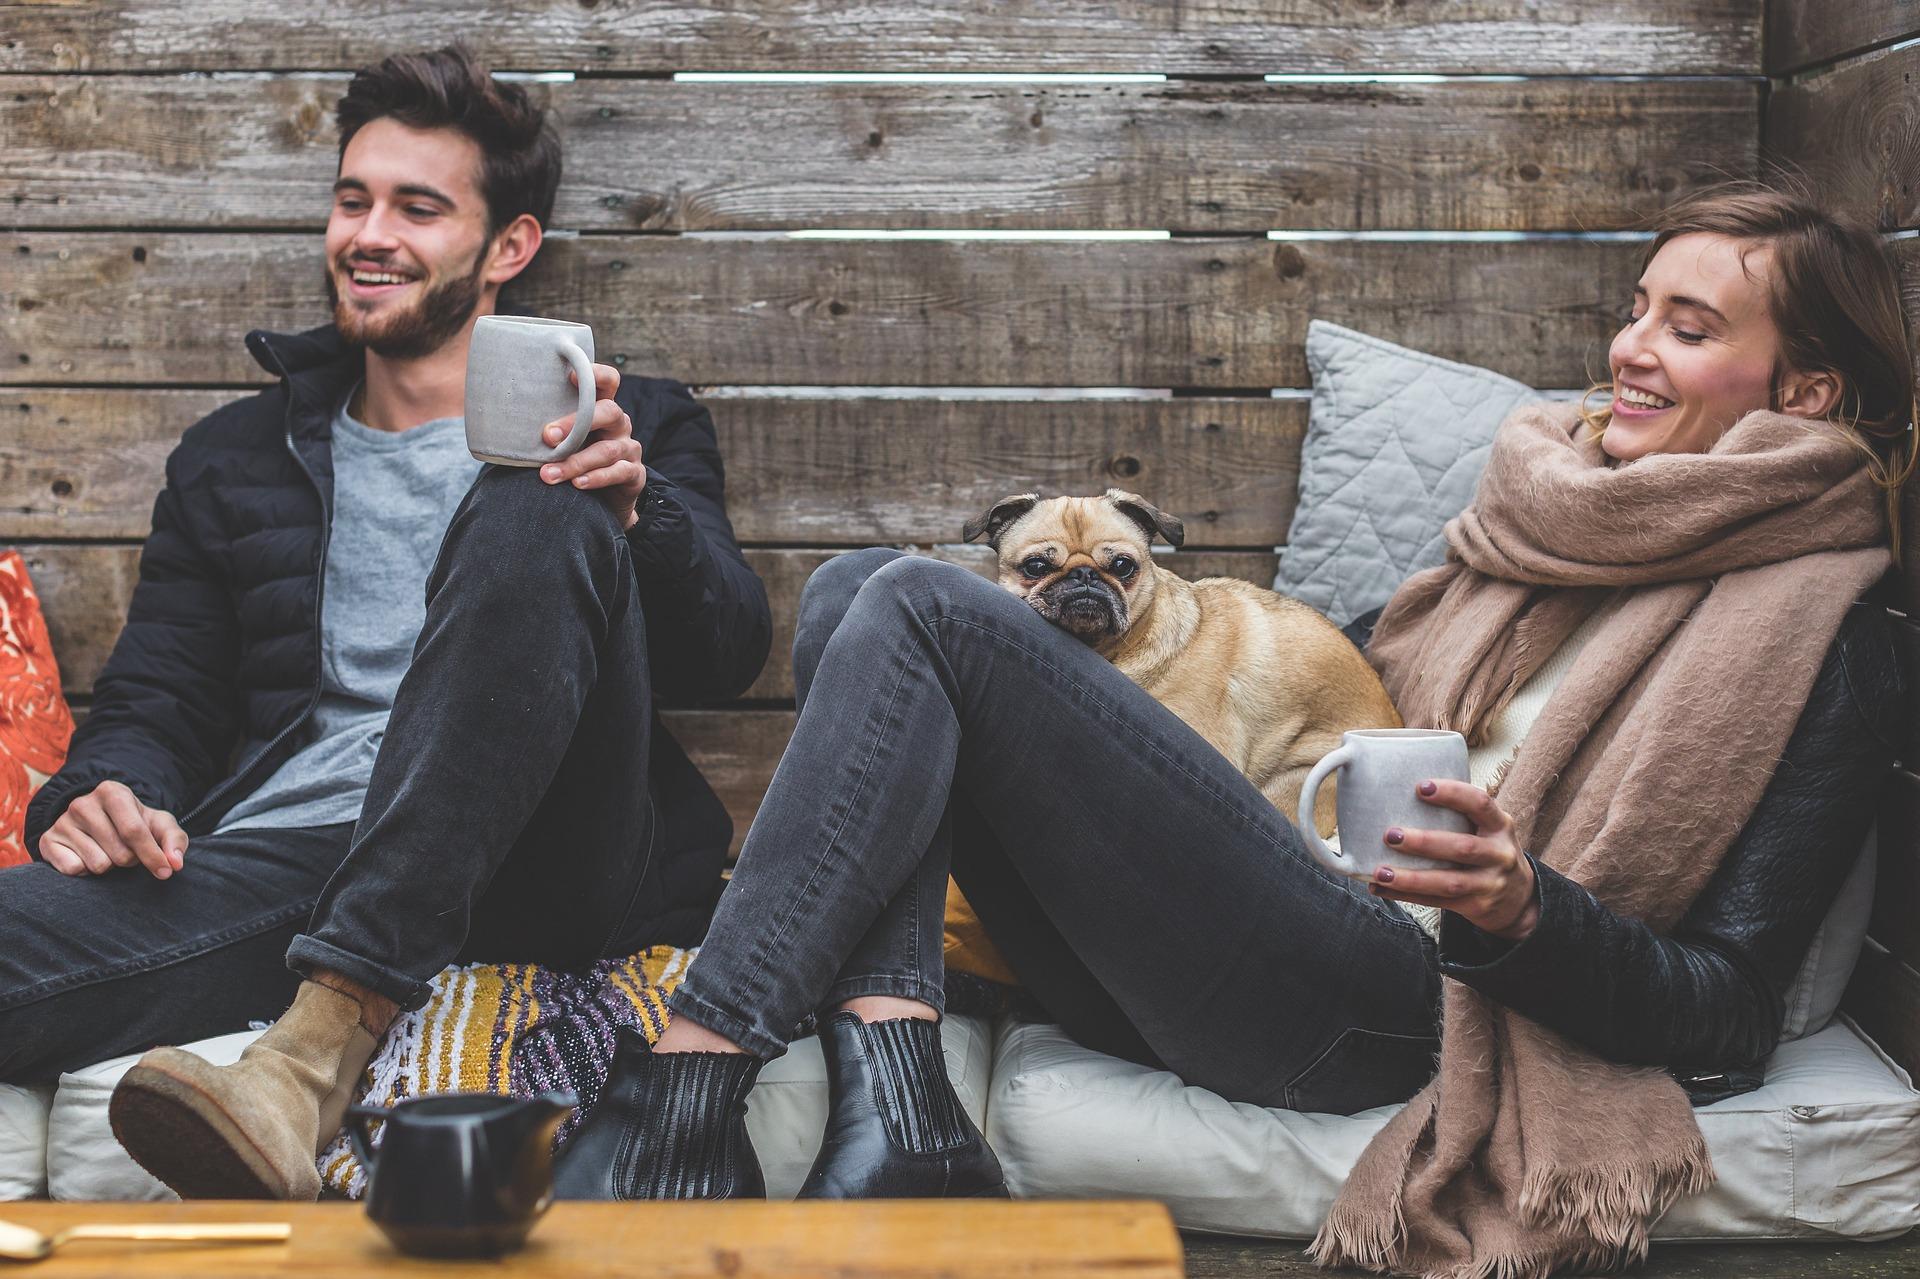 Serotonin und Dopamin sorgen für Glücksgefühle und Entspannung.